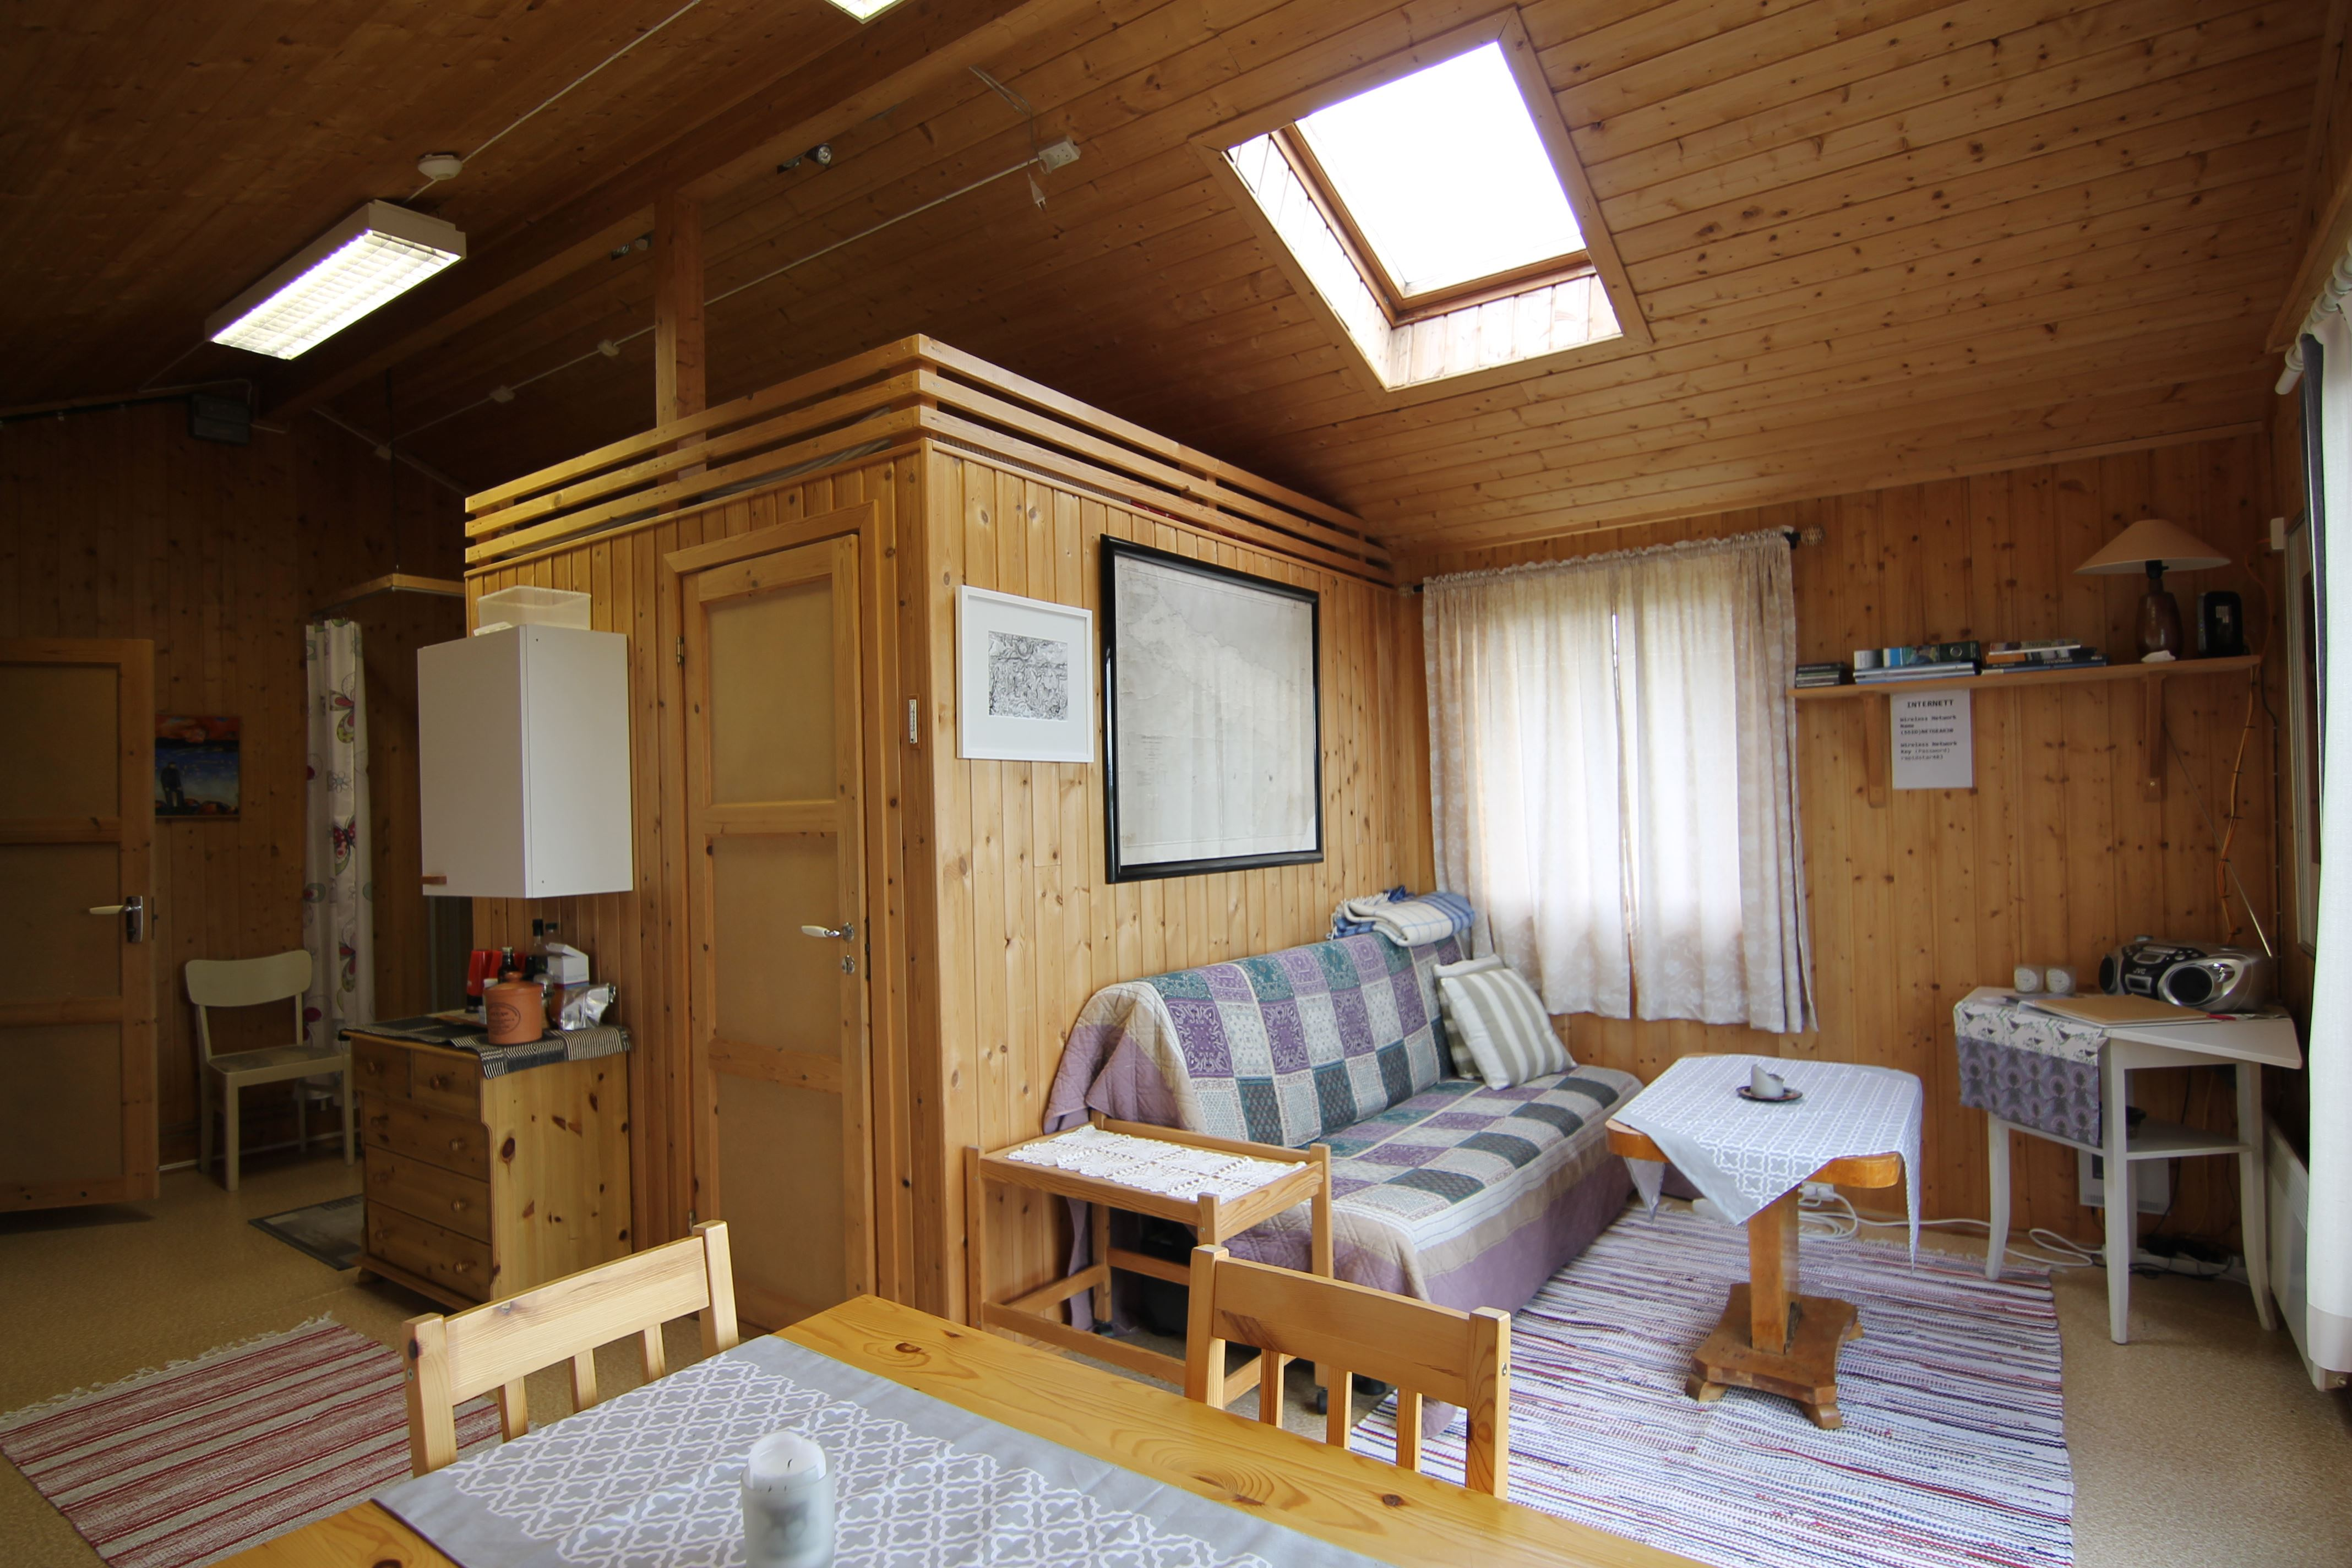 Arntzen Arctic Adventures hytte